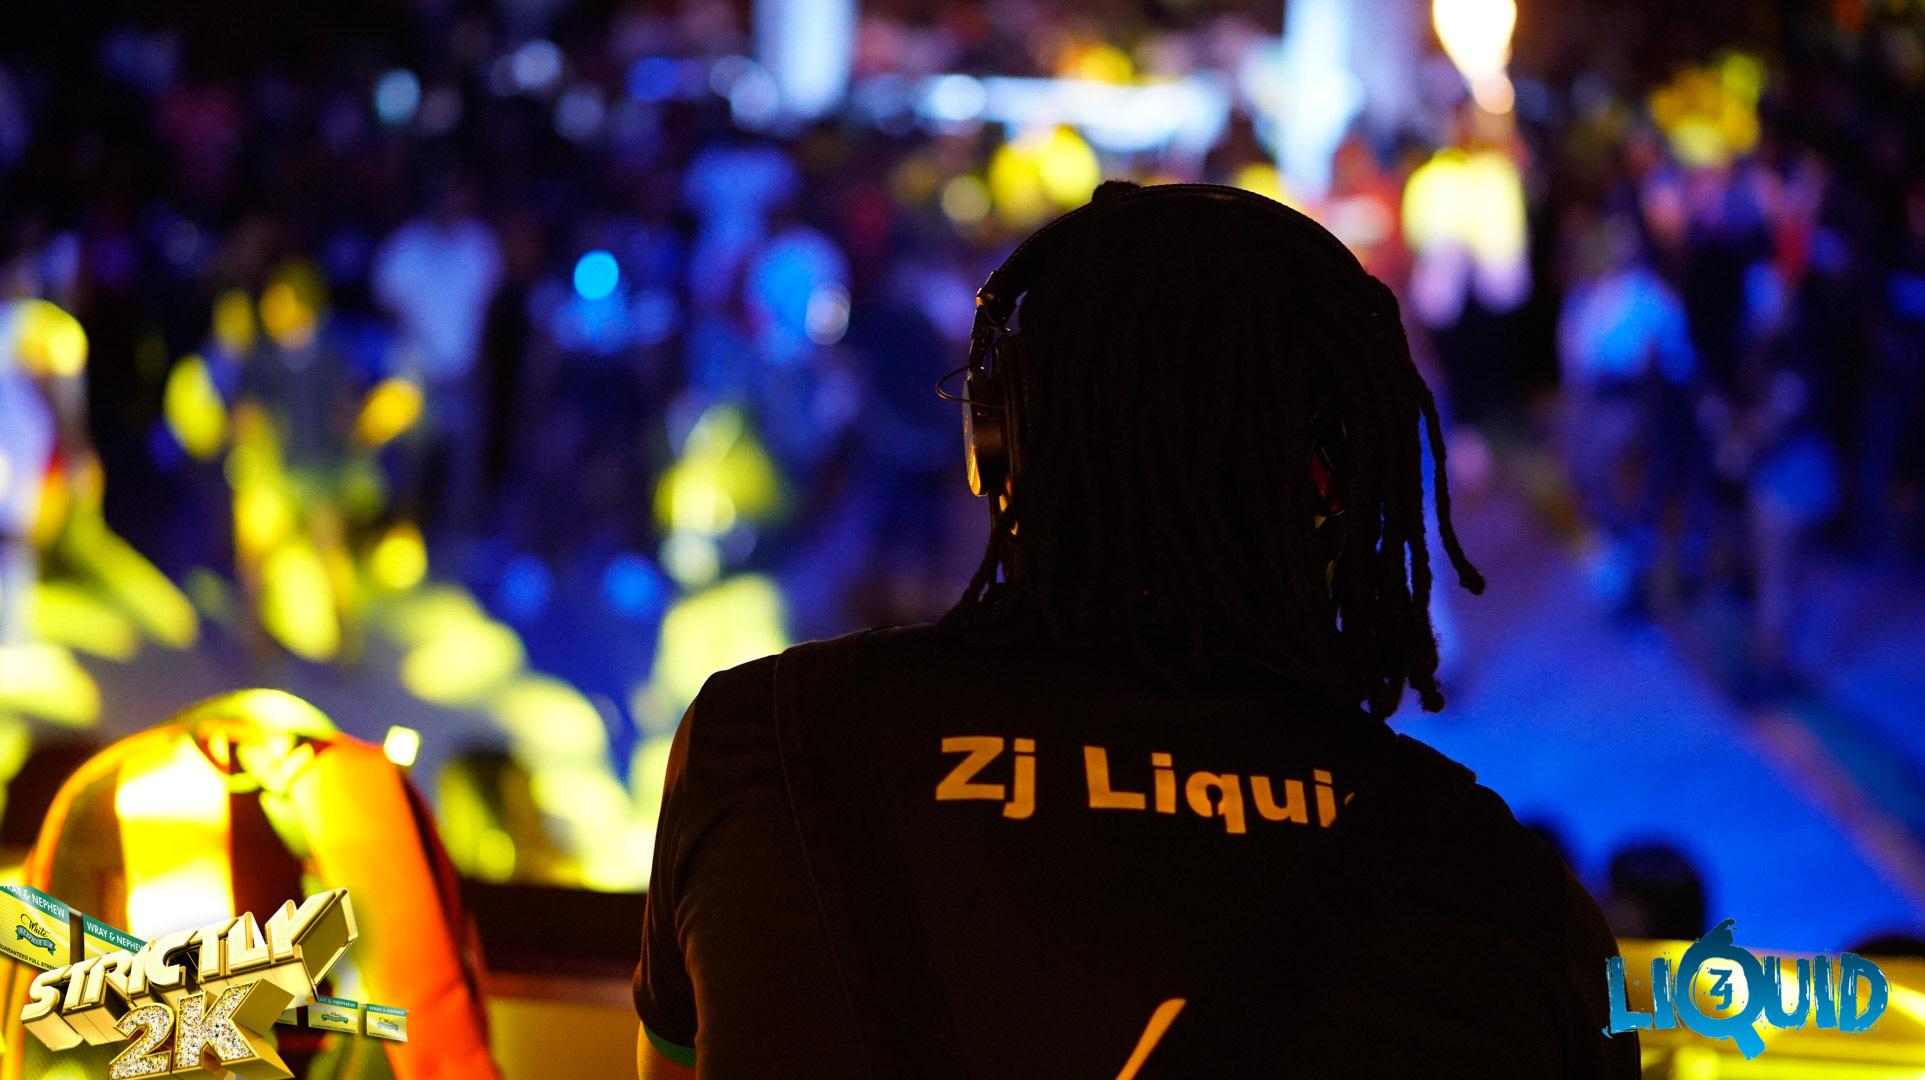 Zj Liquid-21